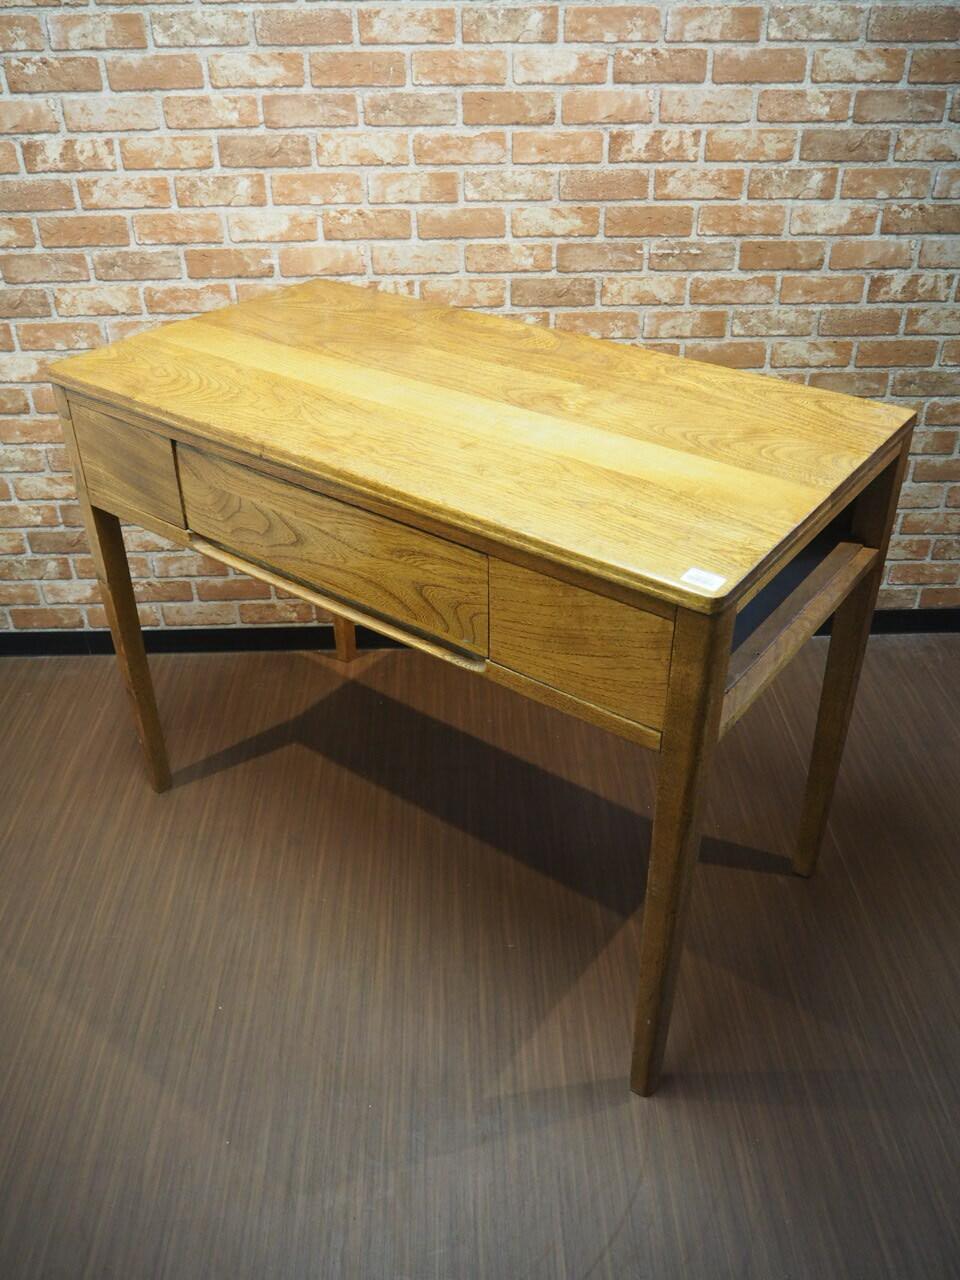 品番0171 スクールデスク / School Desk